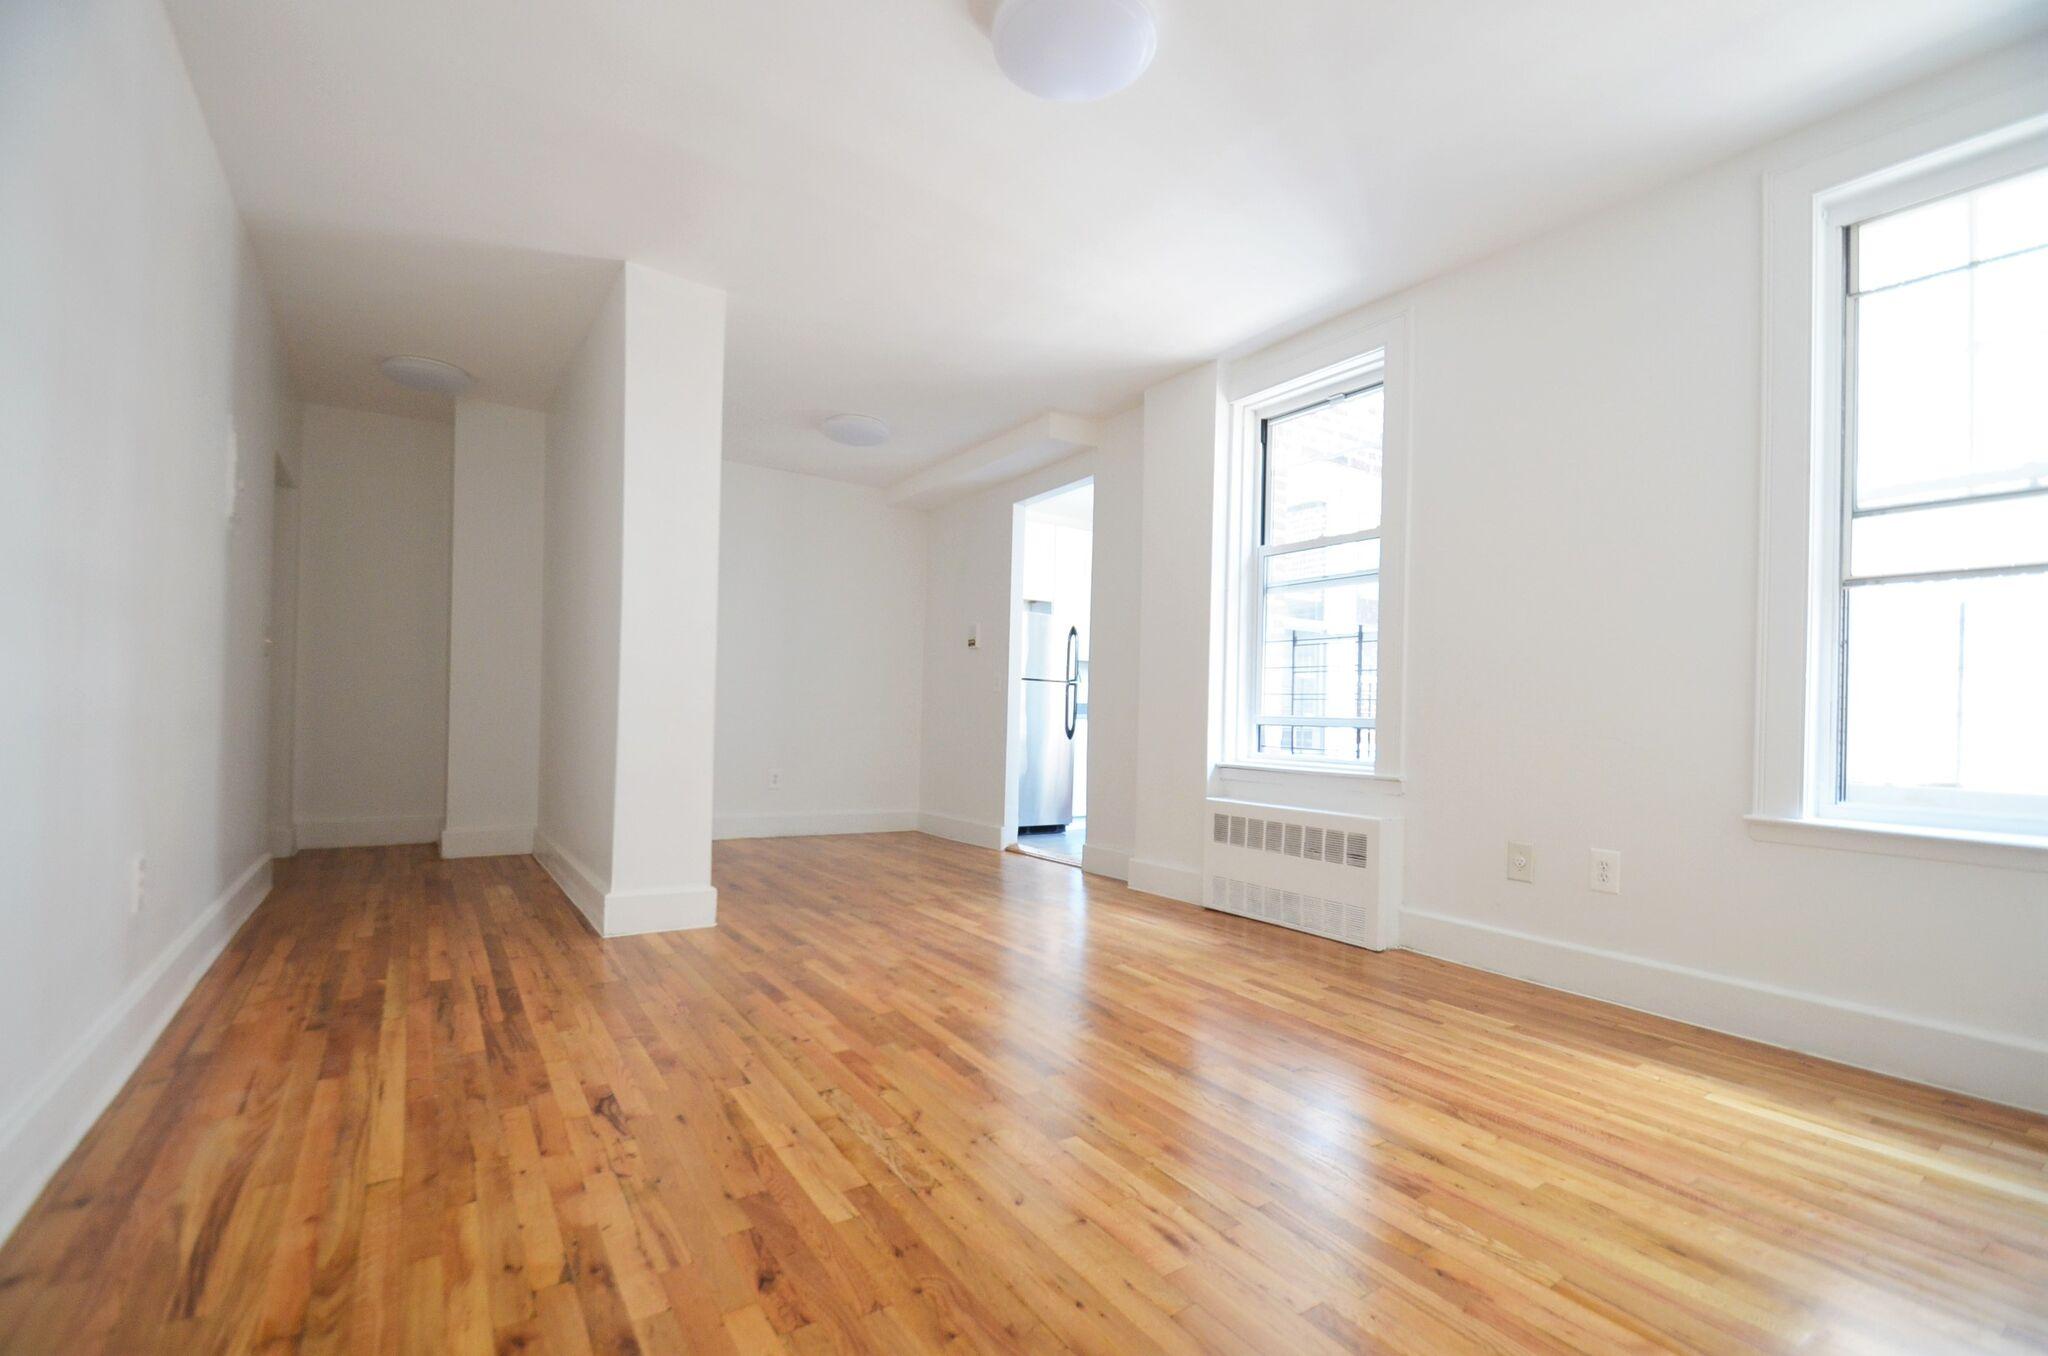 Living room towards looking towards kitchen